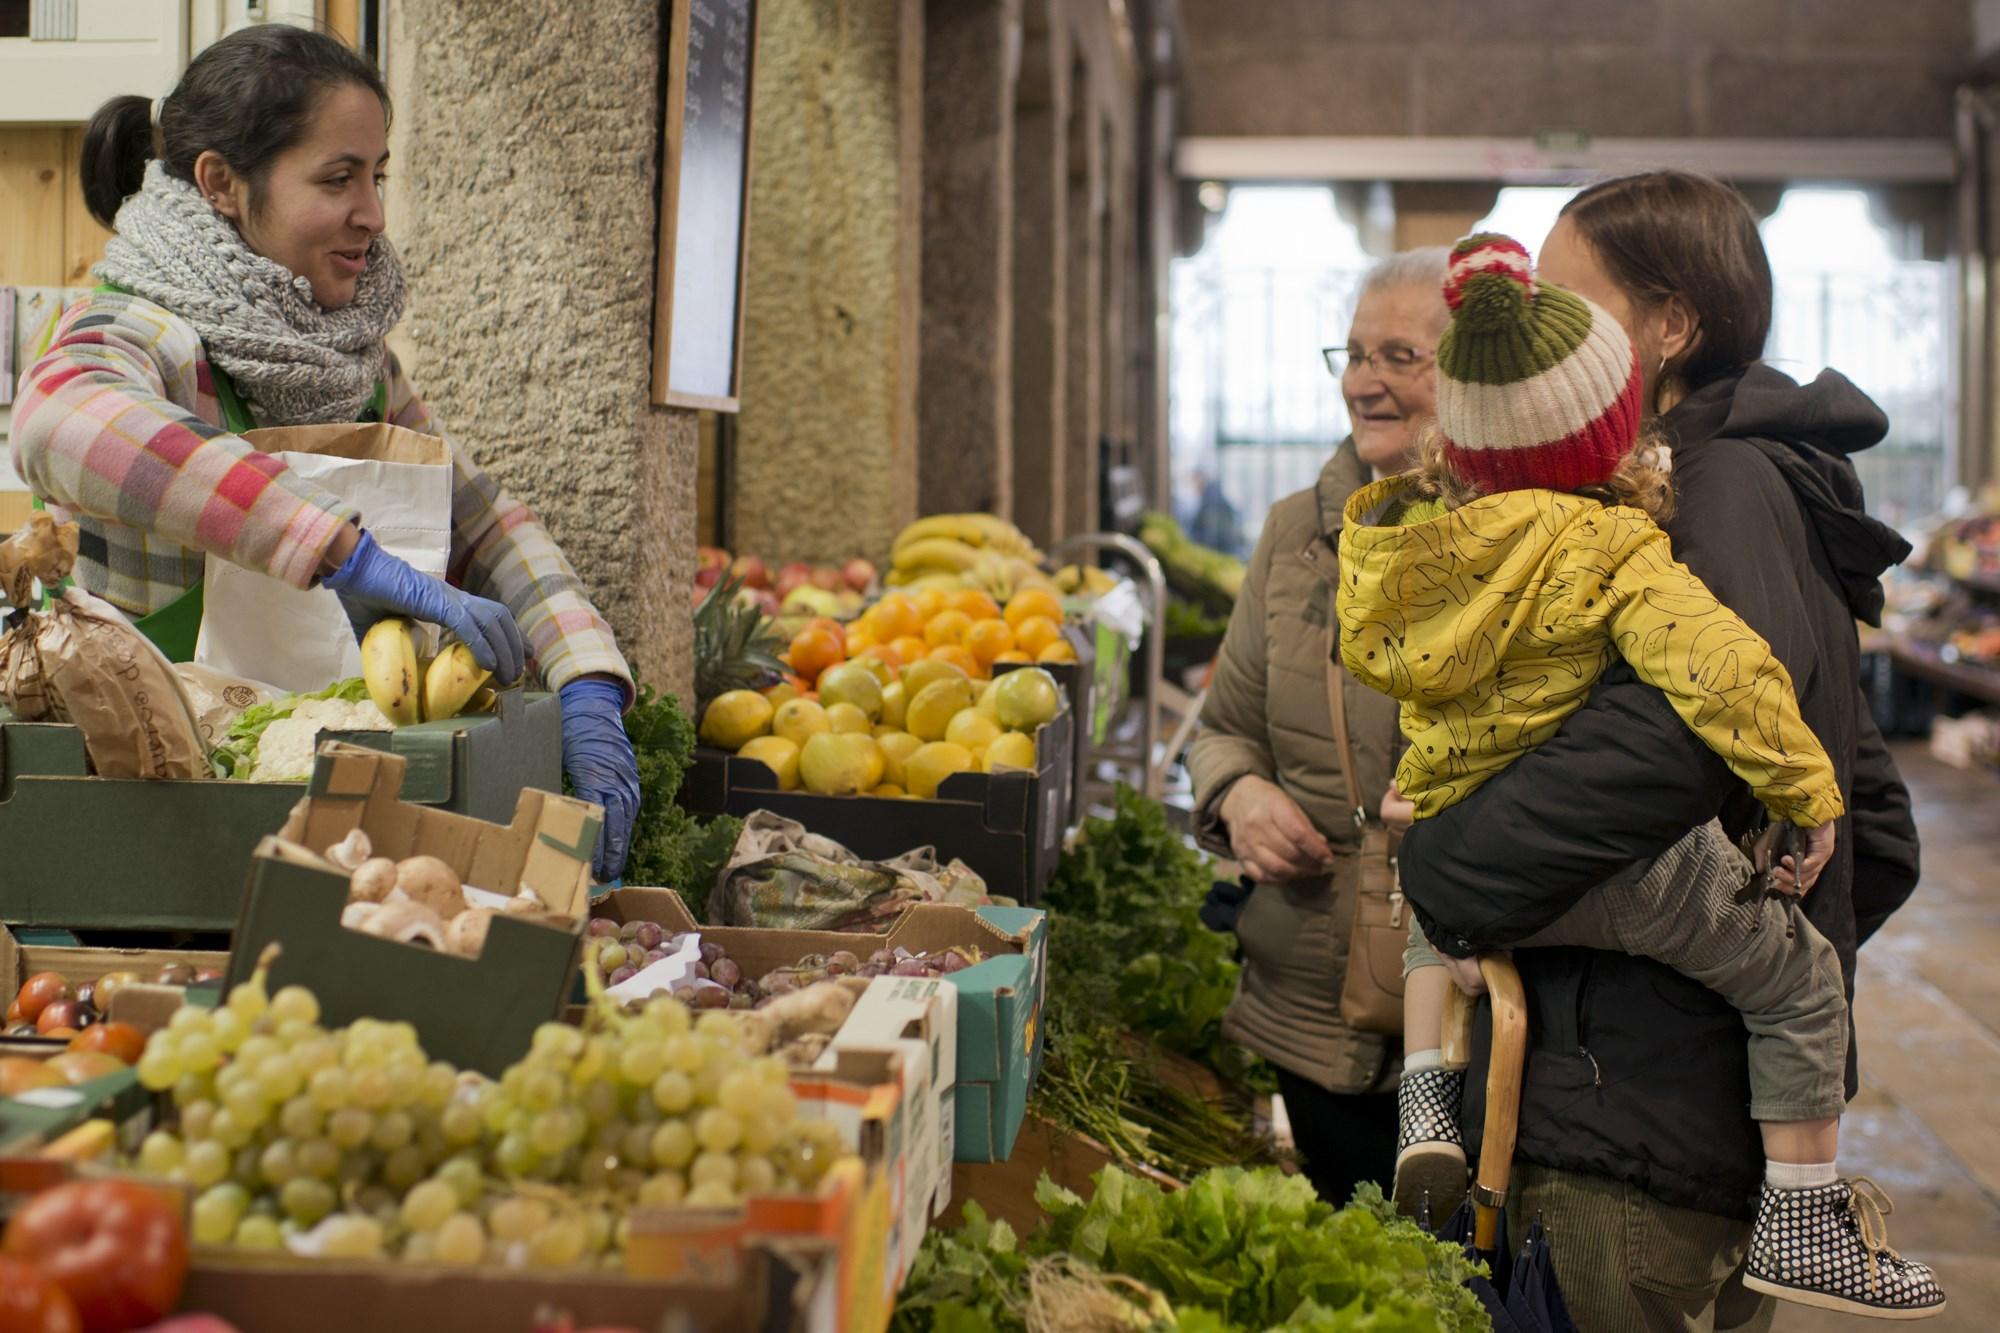 La huerta de Pilar es un vergel de hortalizas y frutas 'eco'.